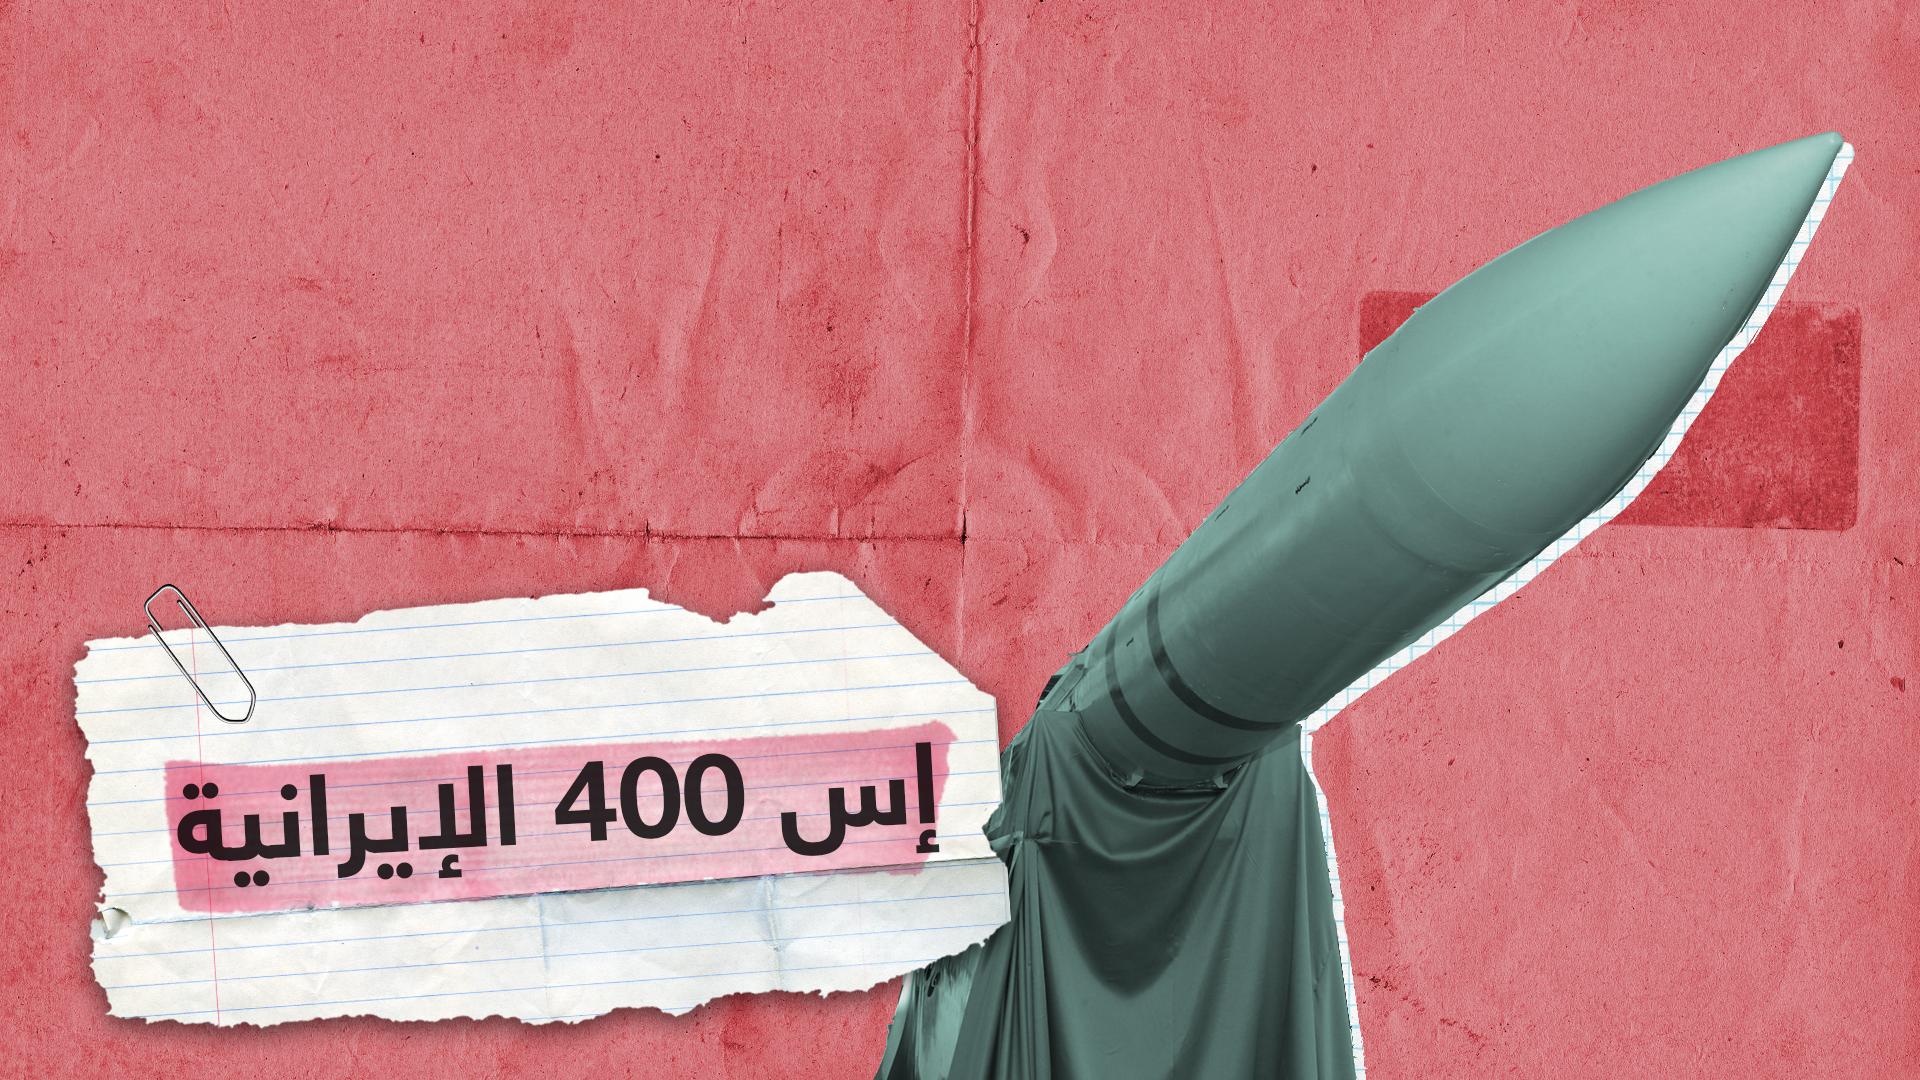 """""""تقترب من إس 400"""".. ما هي منظومة """"باور 373"""" الإيرانية؟"""